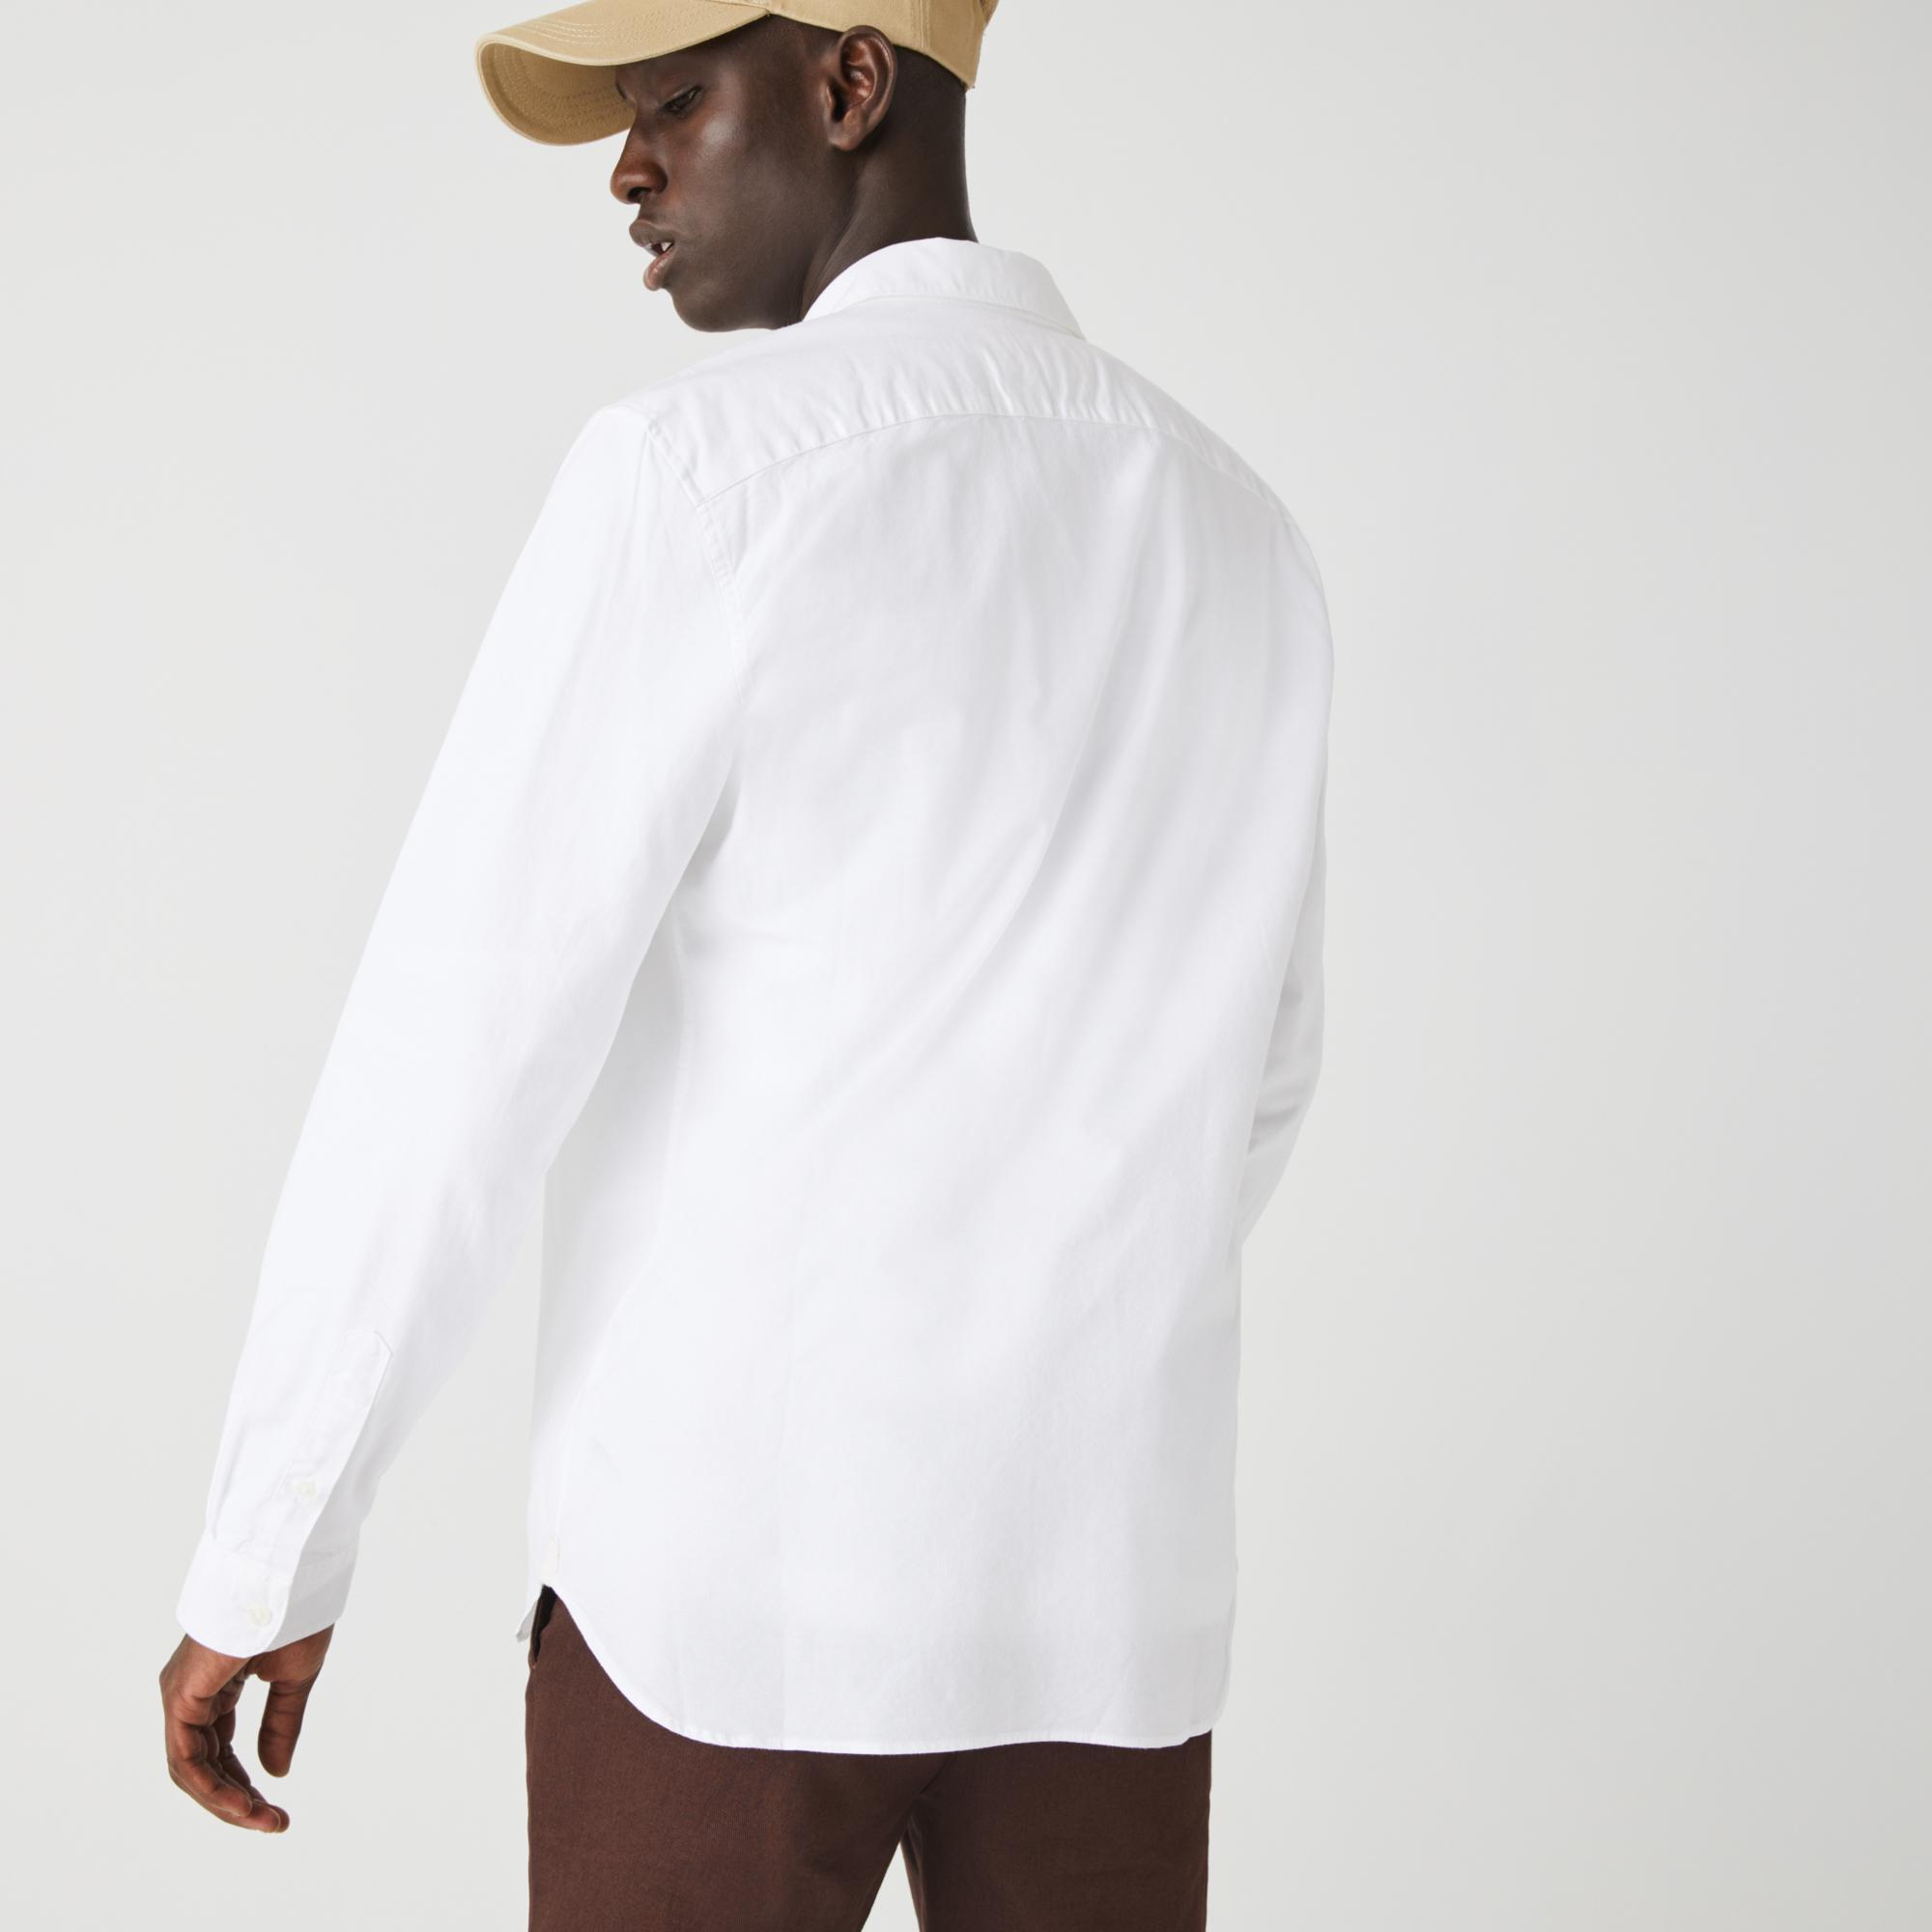 Lacoste Męska Rozciągliwa Koszula Z Bawełny Oxford Slim Fit